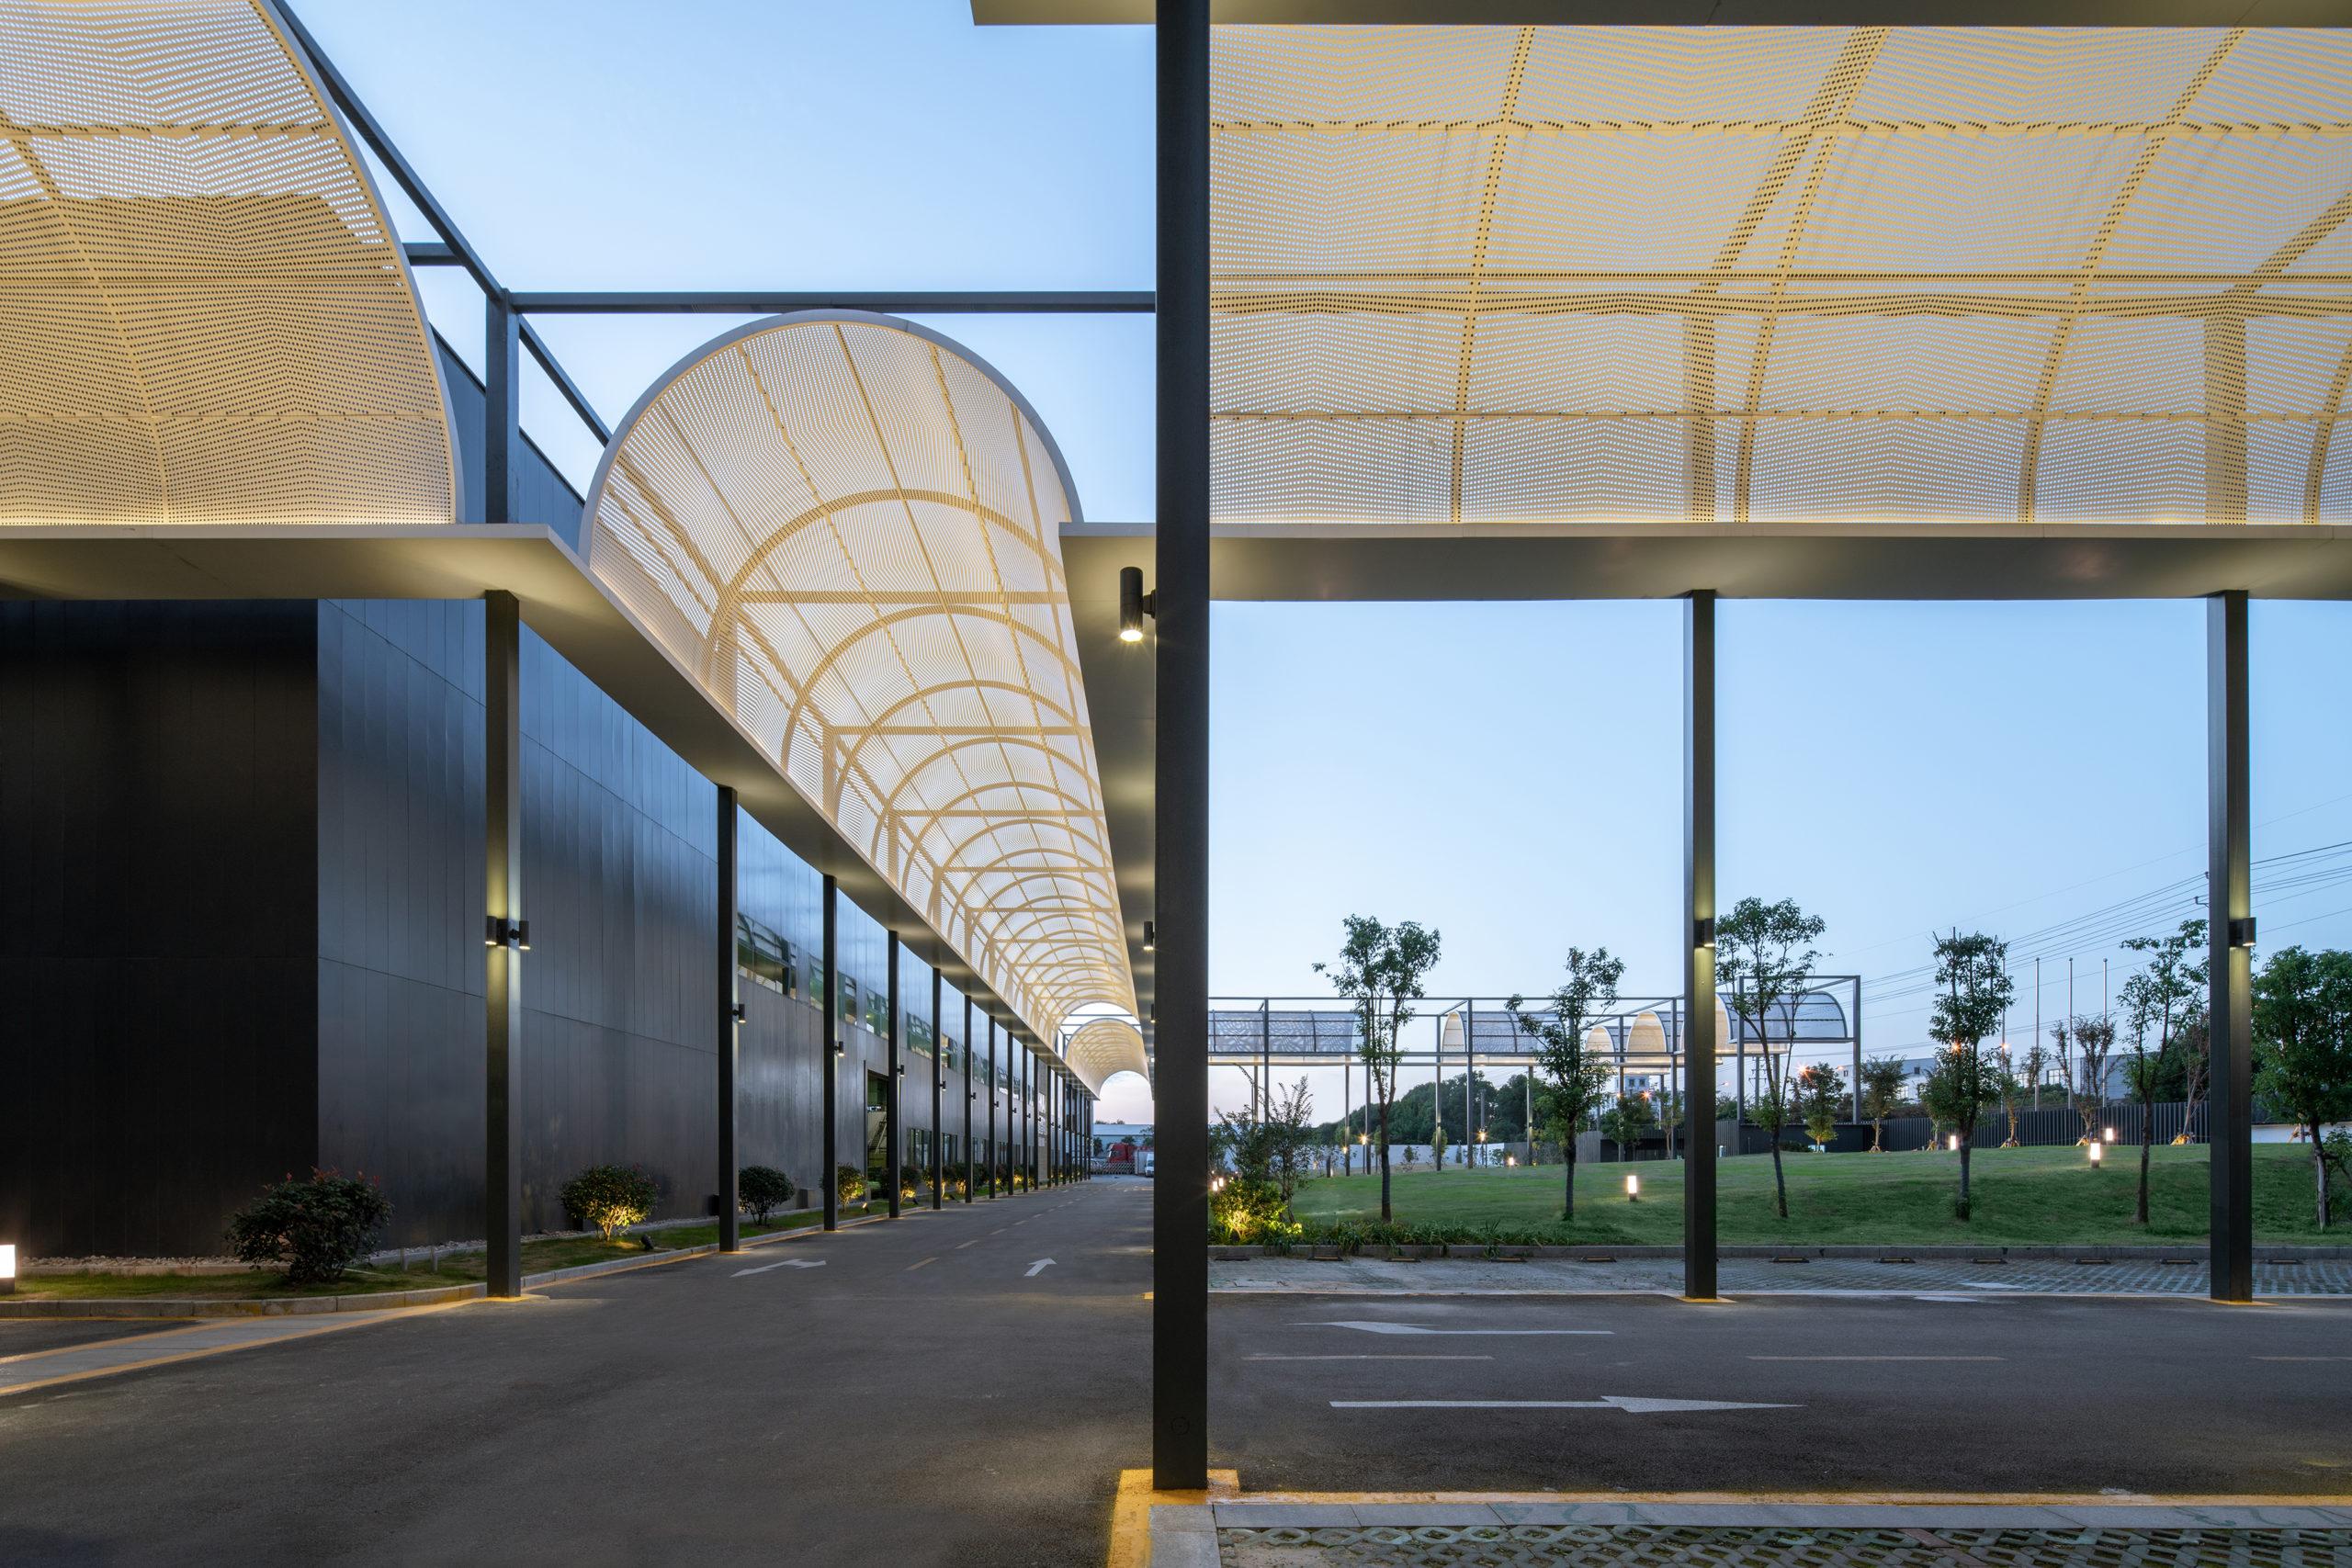 Pergola Floating Matrix: Rénovation de l'usine d'ascenseurs 3MAP à Shanghai Yangtze par ATAH, Shanghai, Chine